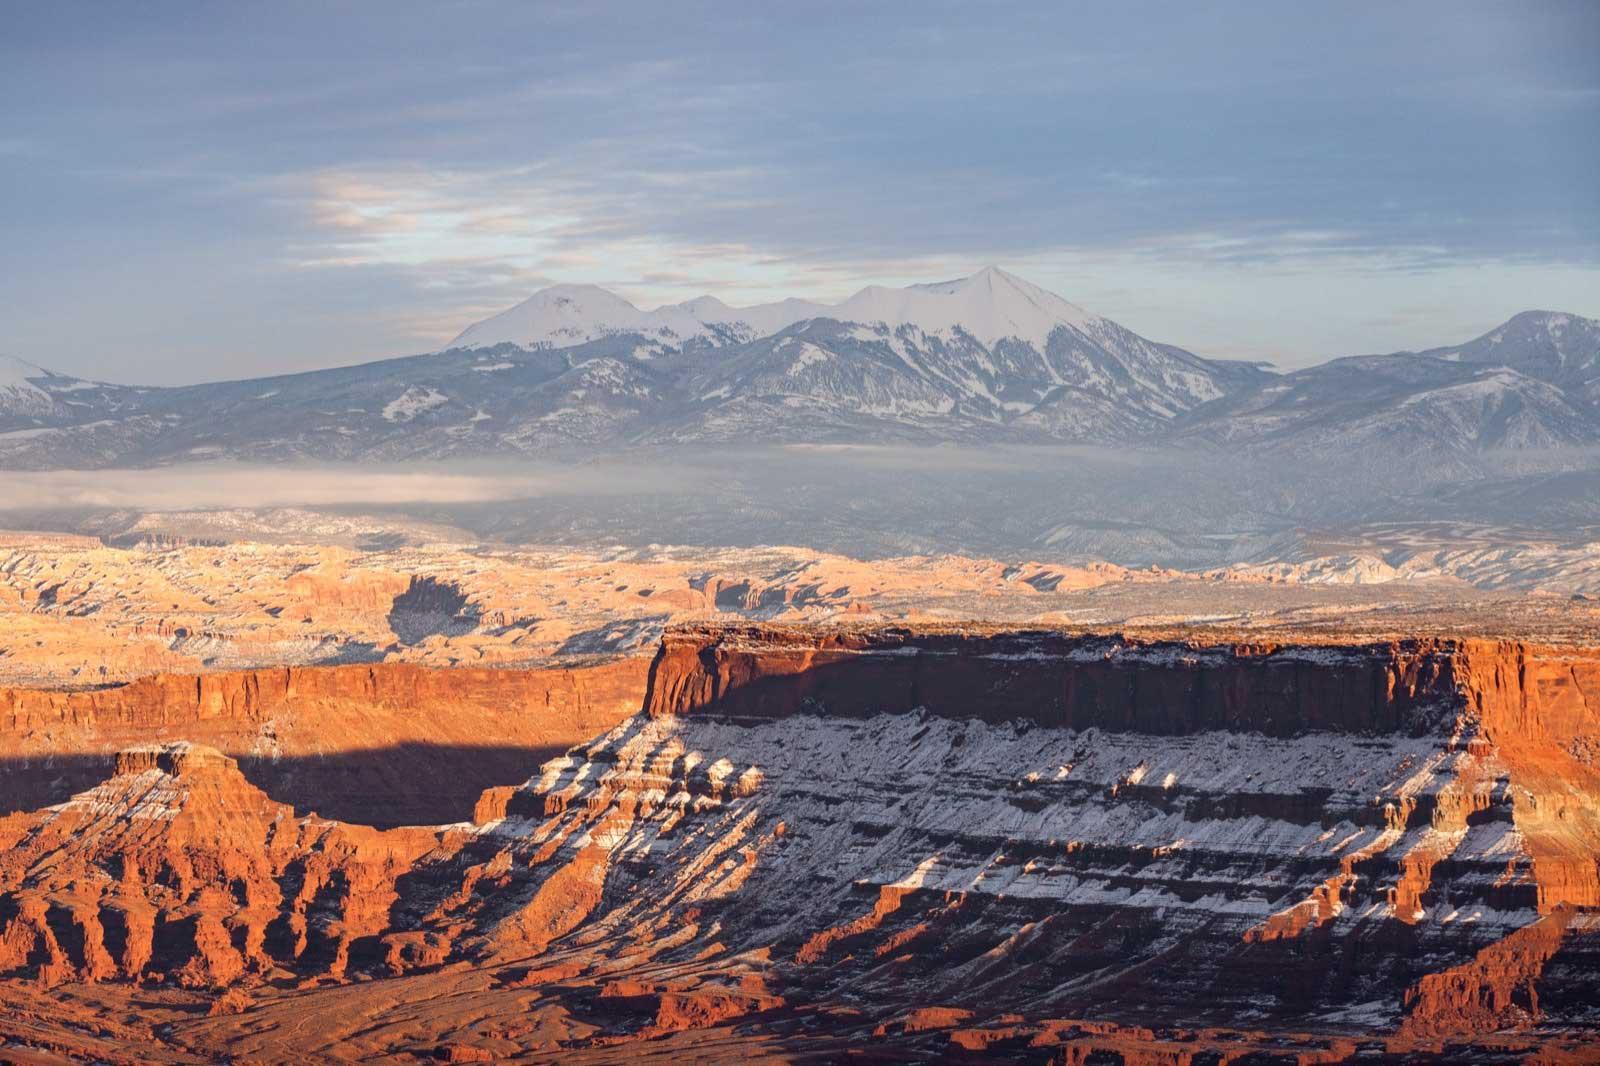 La Sal Mountains in Winter